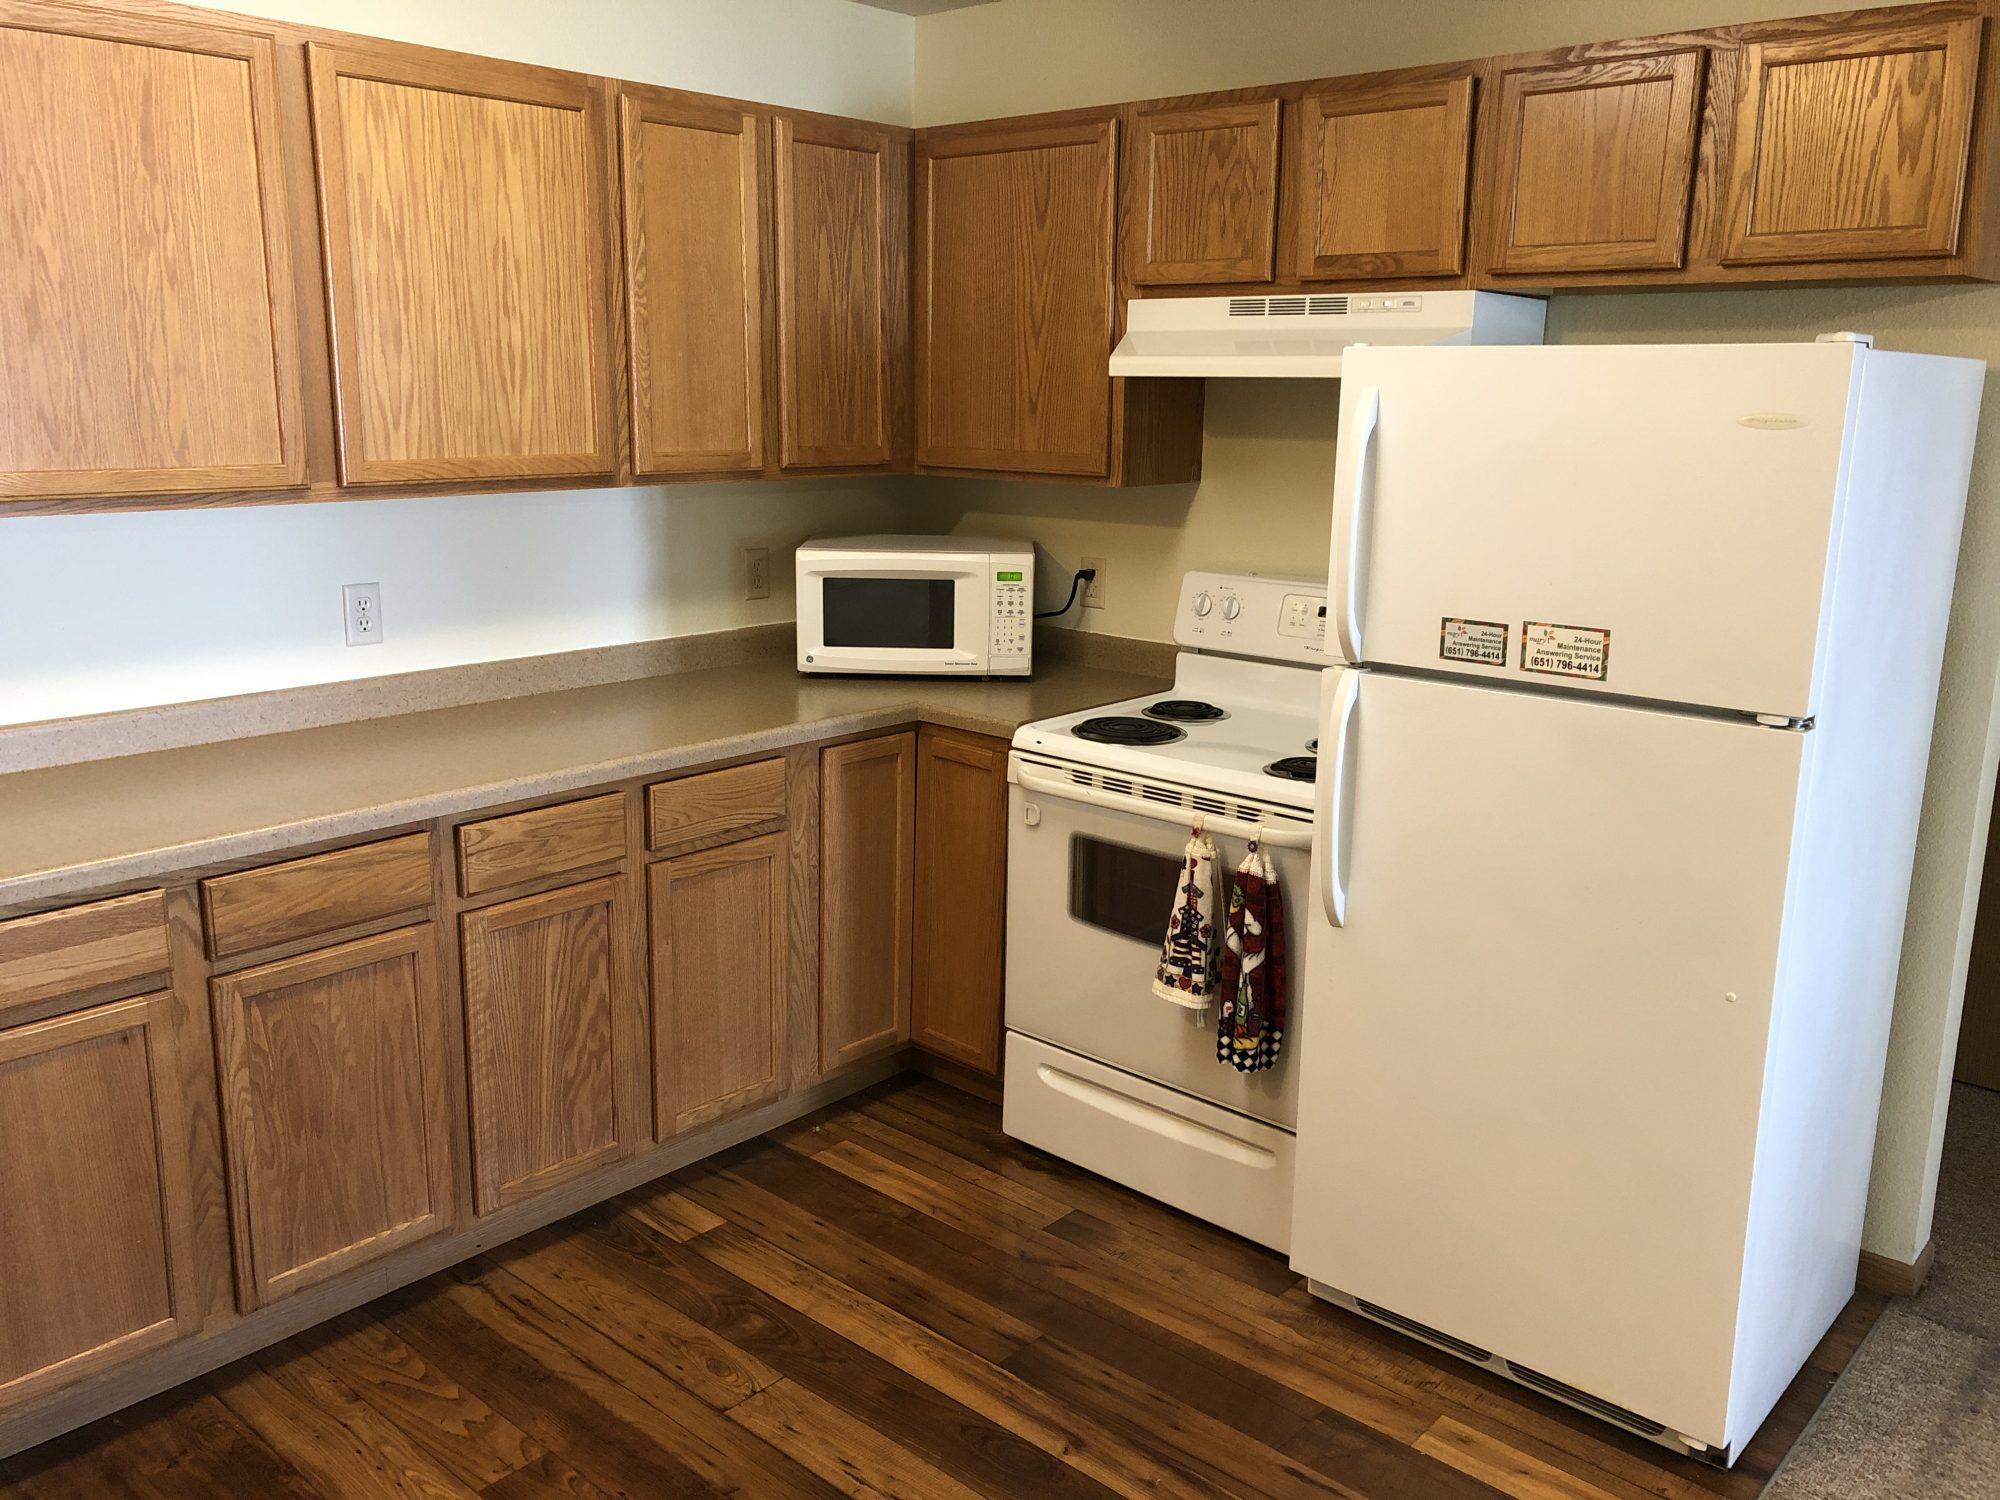 Villas of Sand Creek kitchen